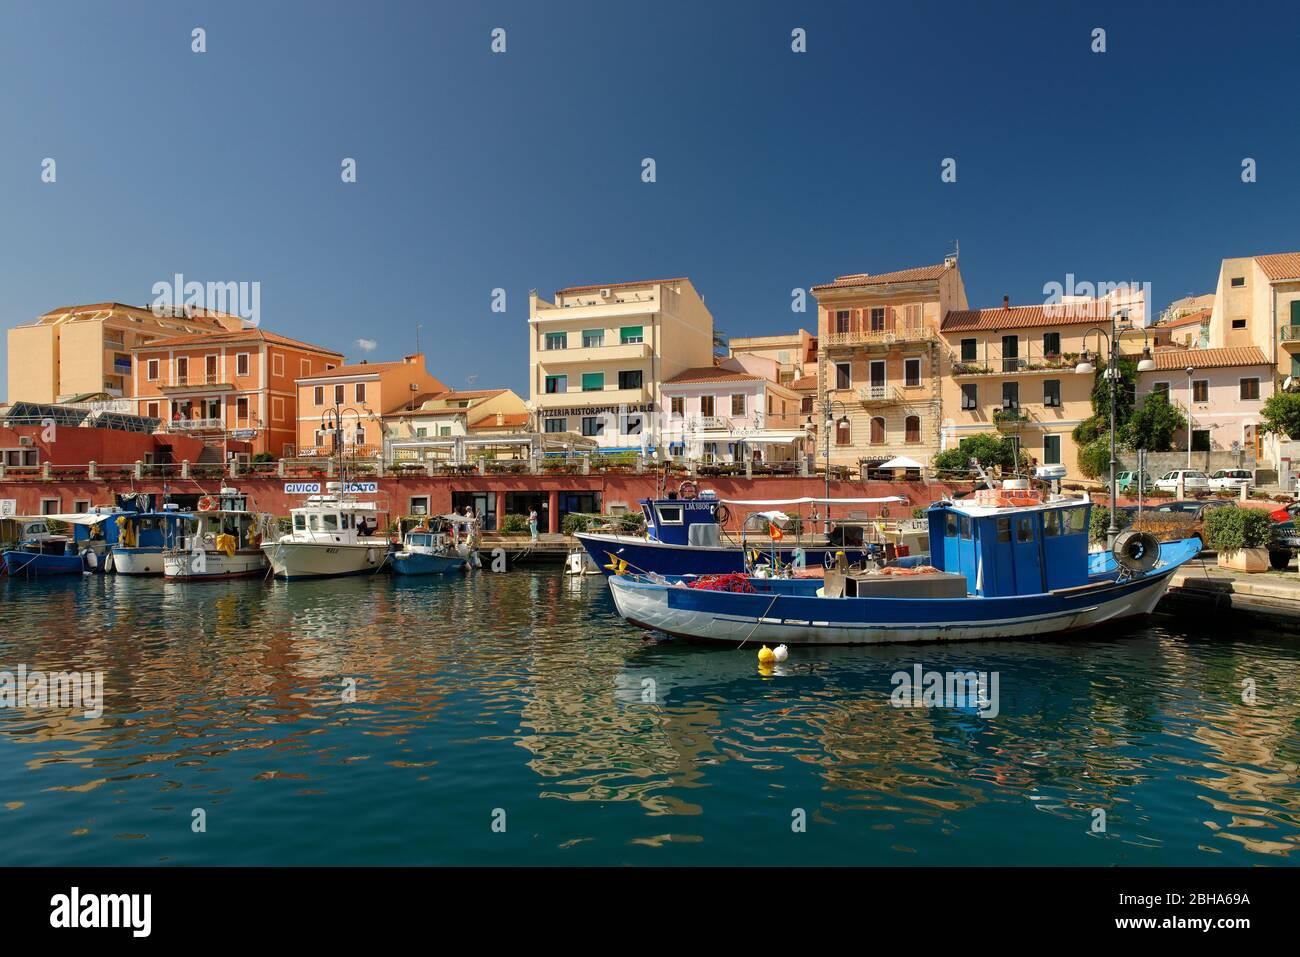 Ciudad vieja y puerto de la Maddalena, mar Mediterráneo, provincia de Olbia-Tempio, Cerdeña, Italia Foto de stock